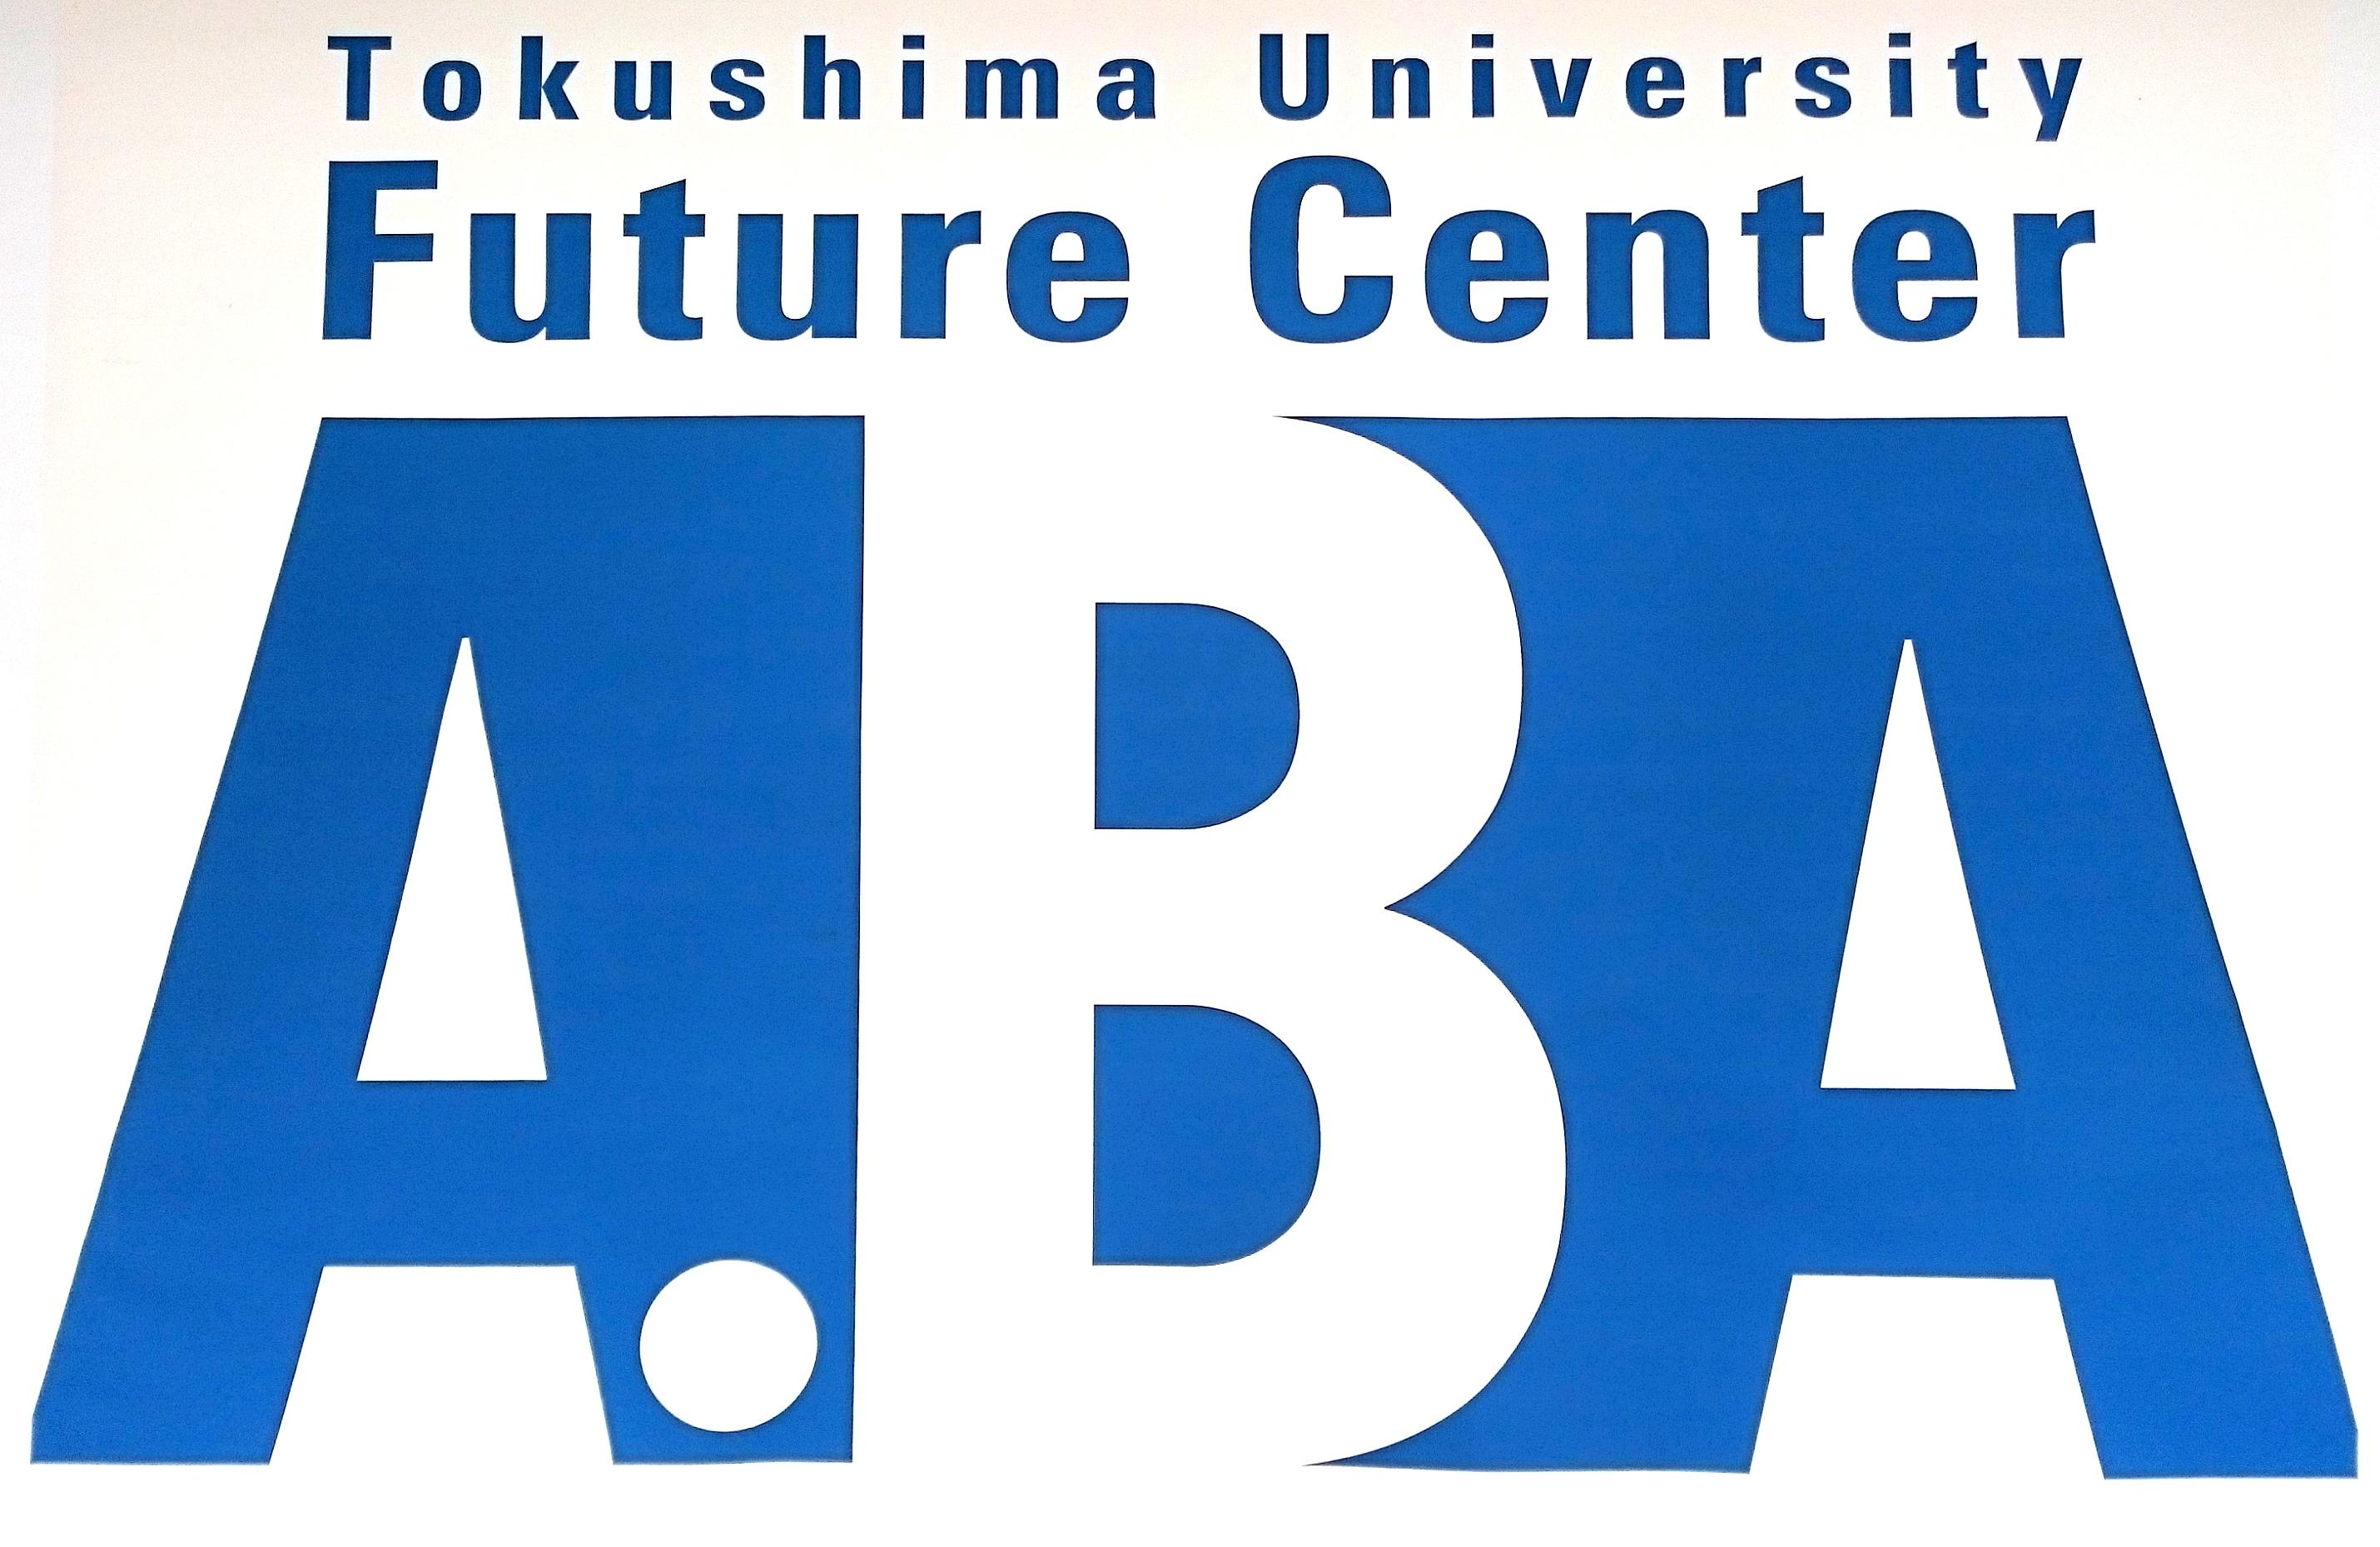 世界的ムーブメント!国立大学では初のフューチャーセンターが徳島に